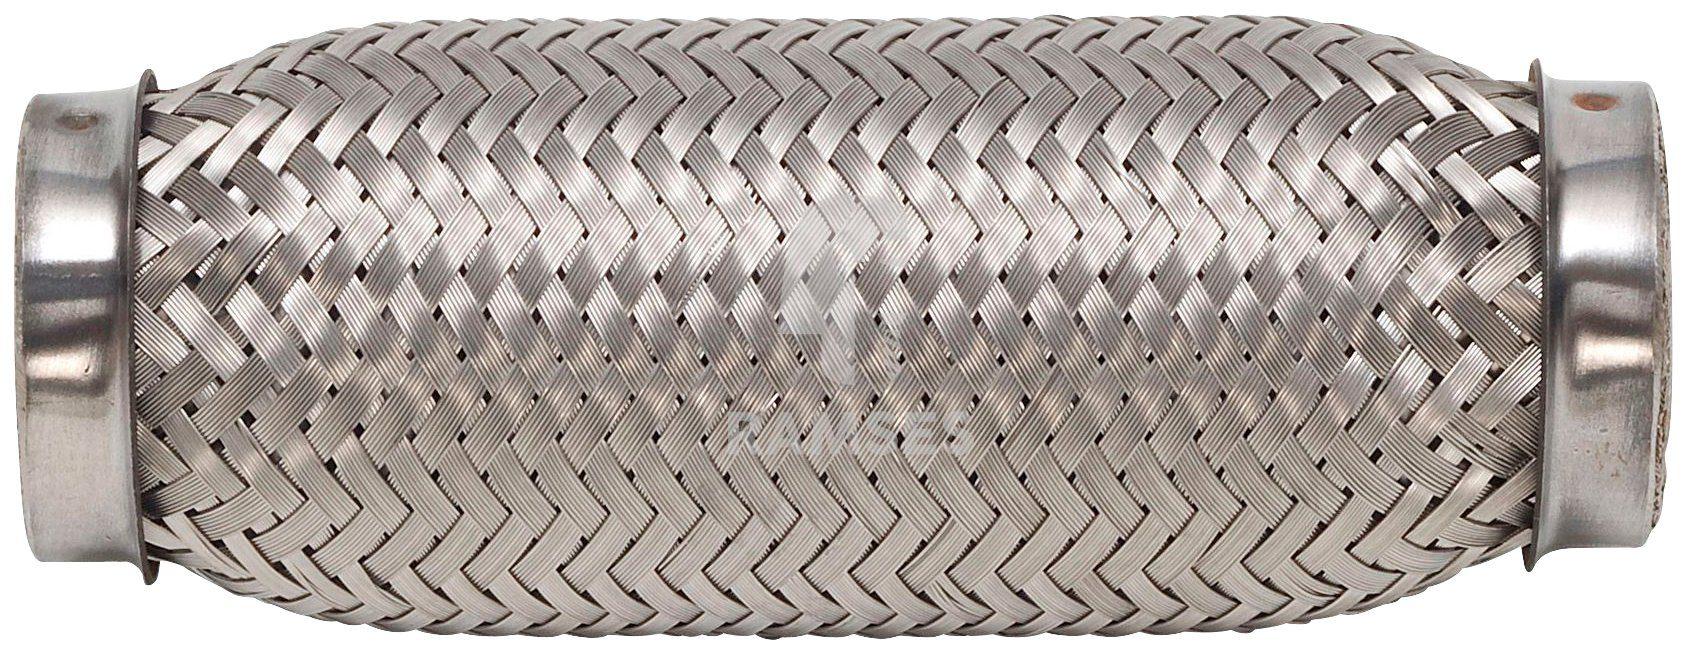 RAMSES Hosenrohr , 60 x 300 mm Edelstahl A2